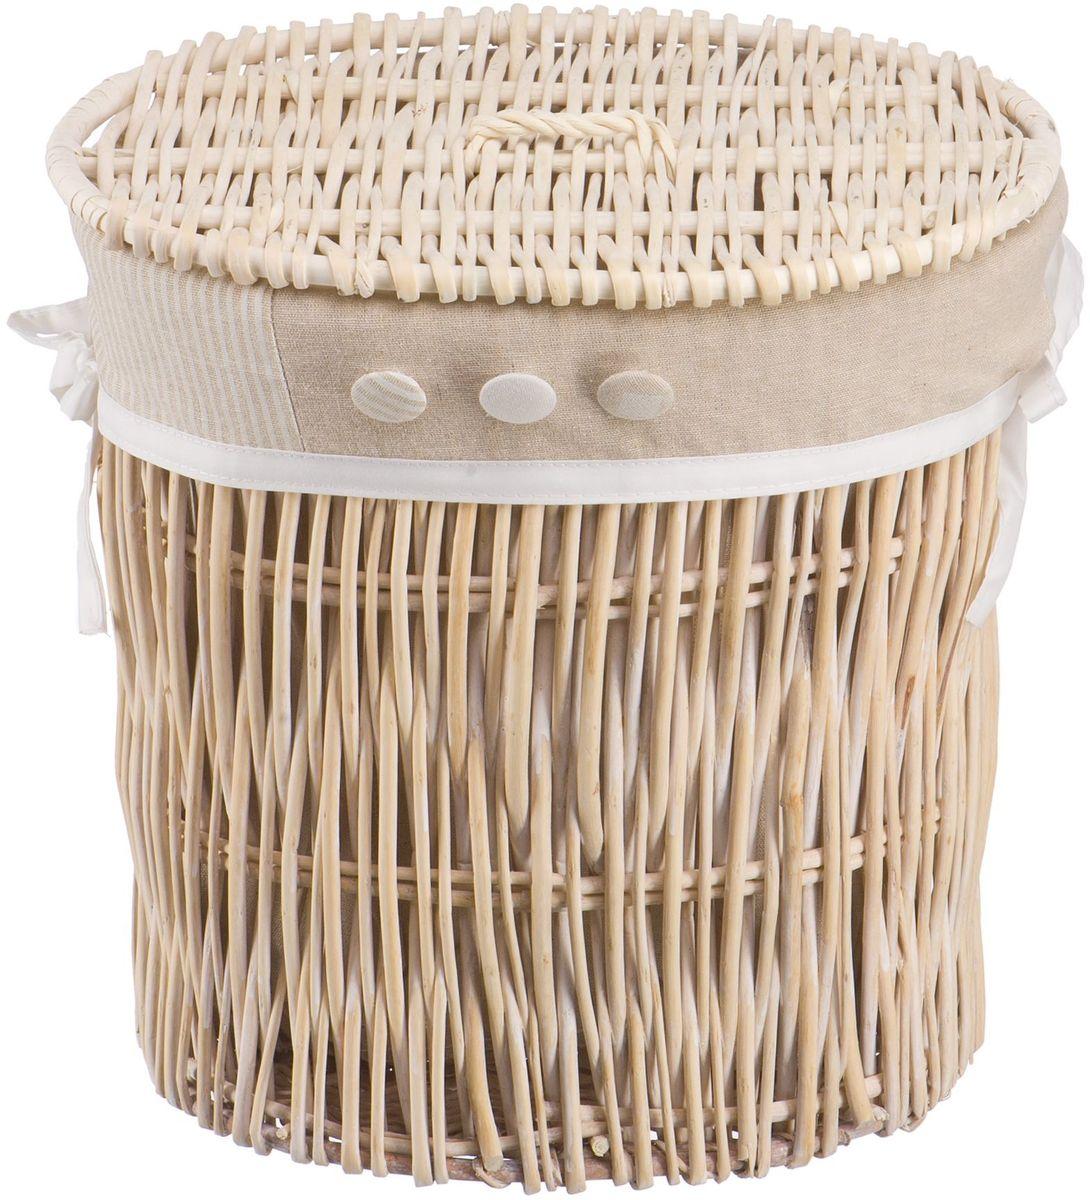 Корзина для белья Natural House Пуговка, цвет: молочный, 36 х 27 х 37 смEW-21 SБельевая корзина Natural House из лозы ивы не только удобна, практична, но и прекрасно выглядит. Высокое качество и натуральные материалы гармонично сочетаются и создают в доме уют и теплое настроение.В комплекте с корзиной идет съемный чехол, который легко снимается и стирается.